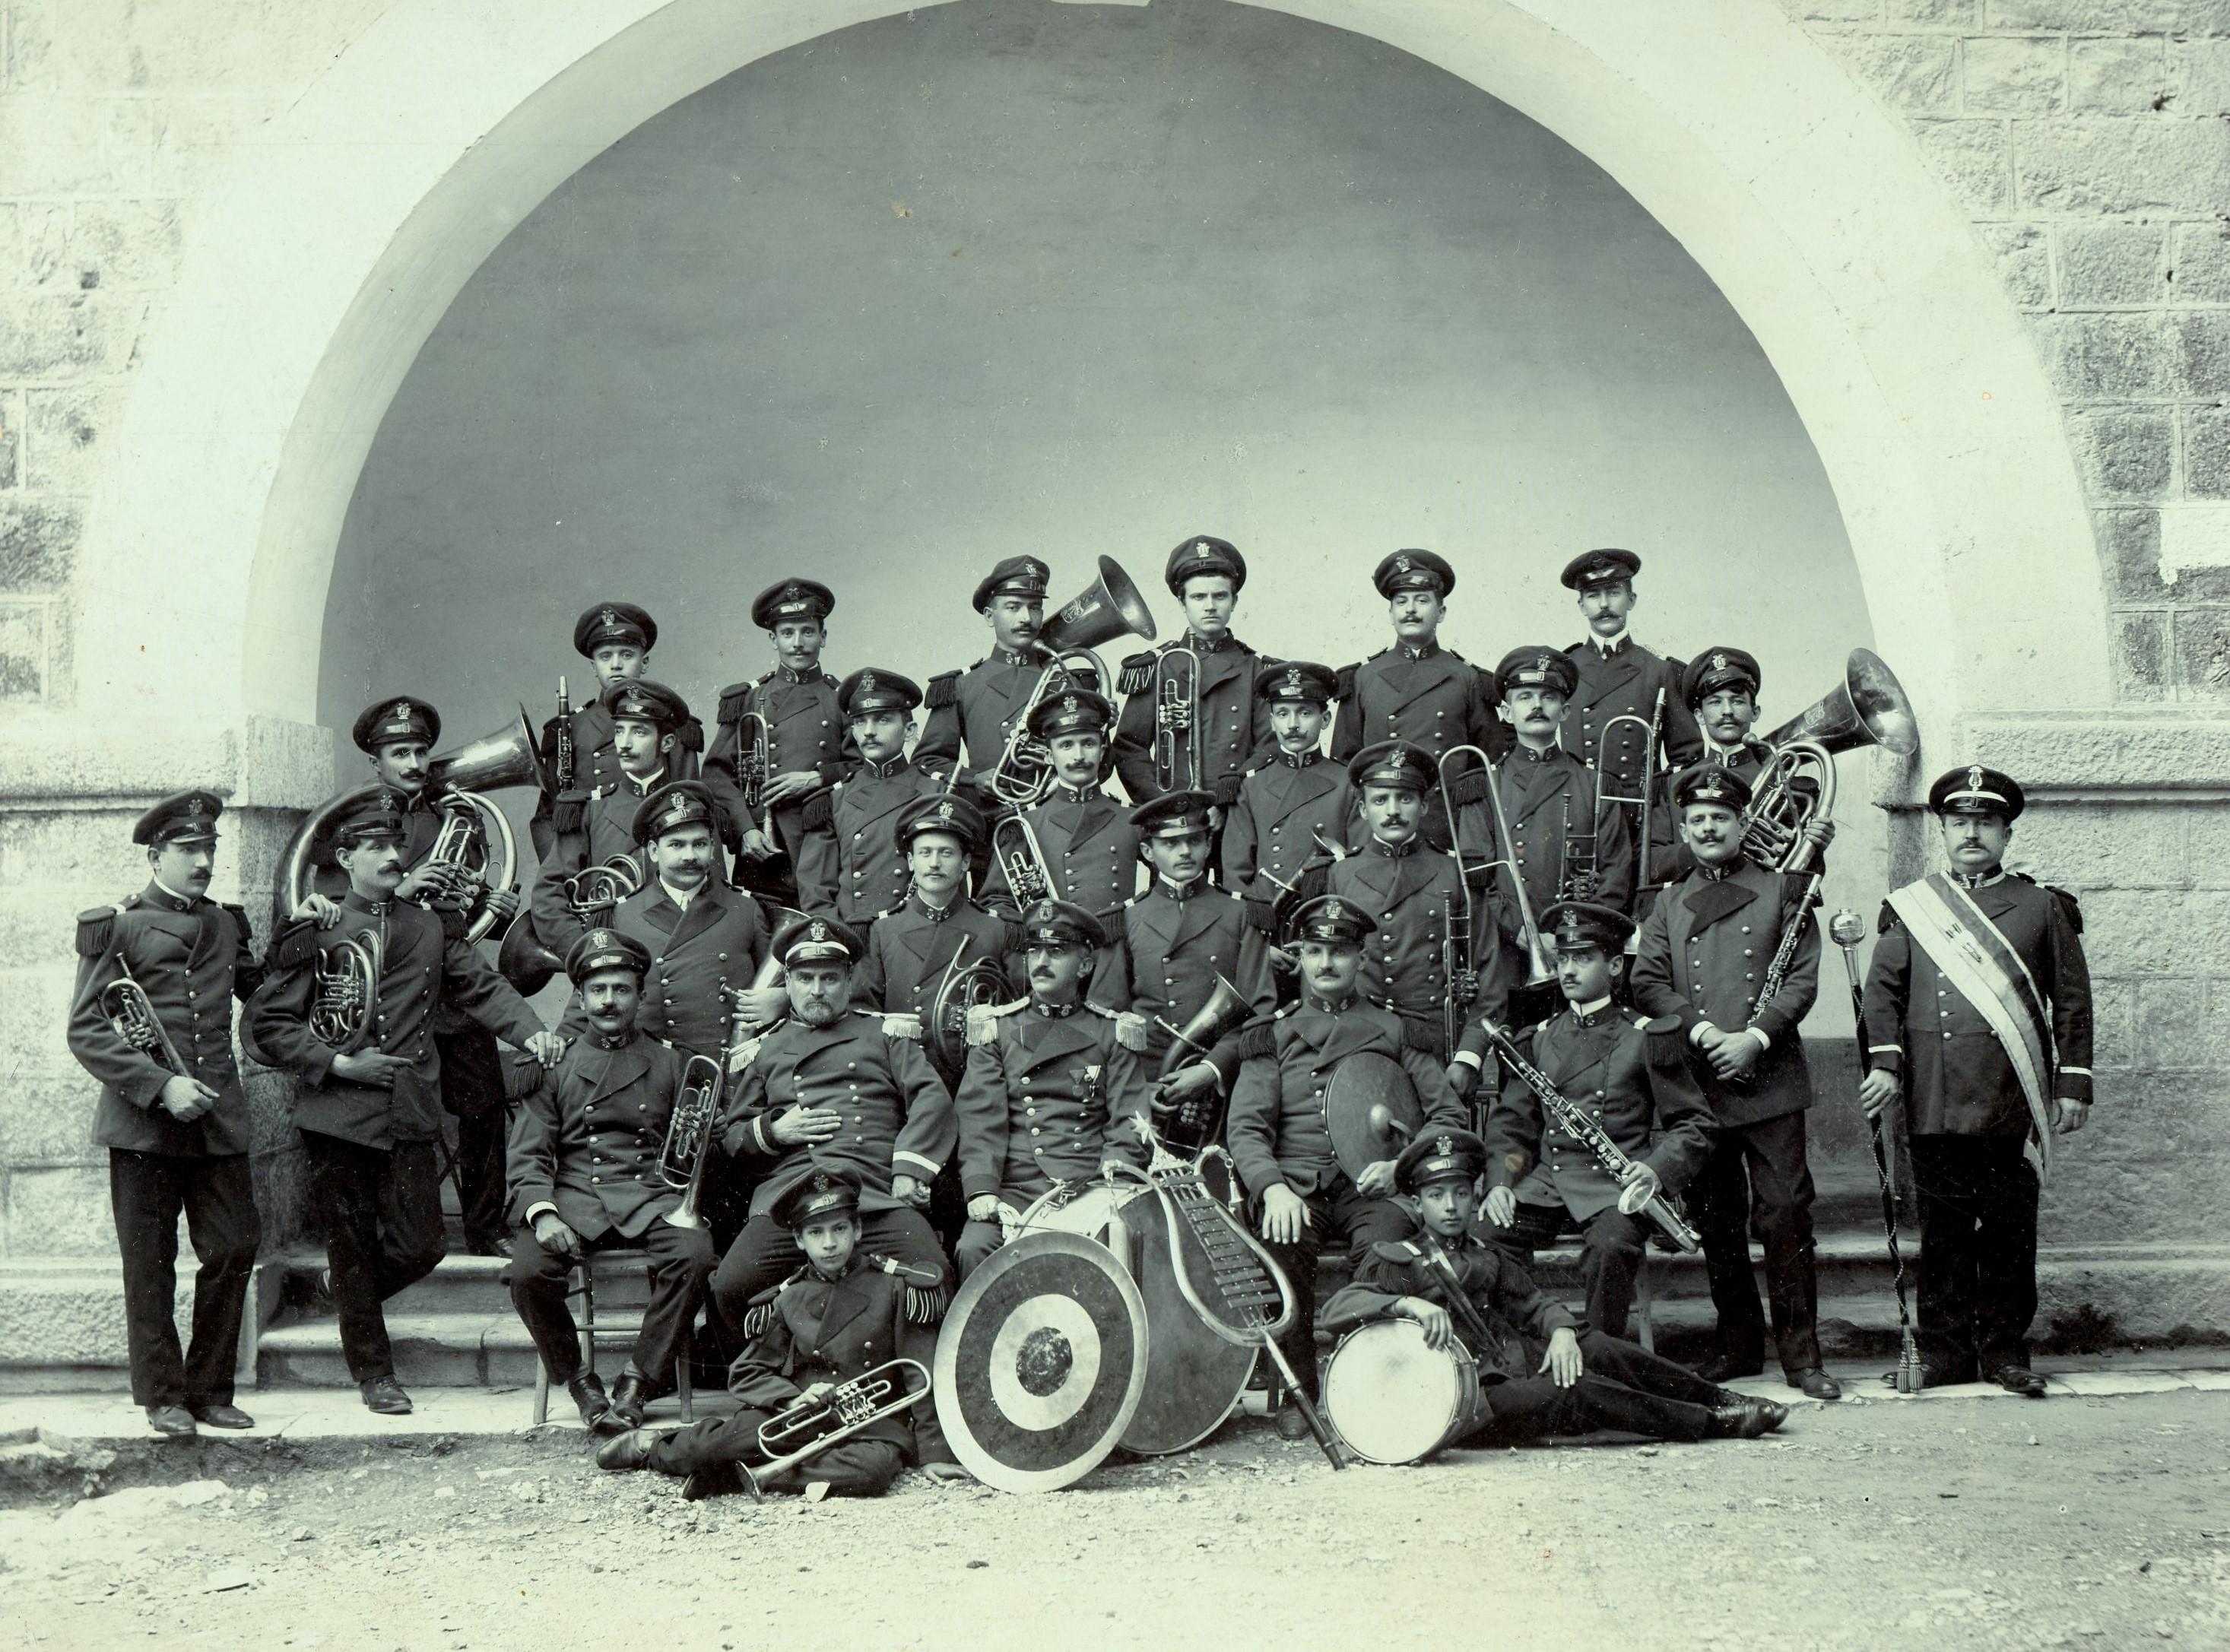 Dubrovačka građanska muzika prije probijanja skala do Straduna, vrata od Grada, oko 1910.